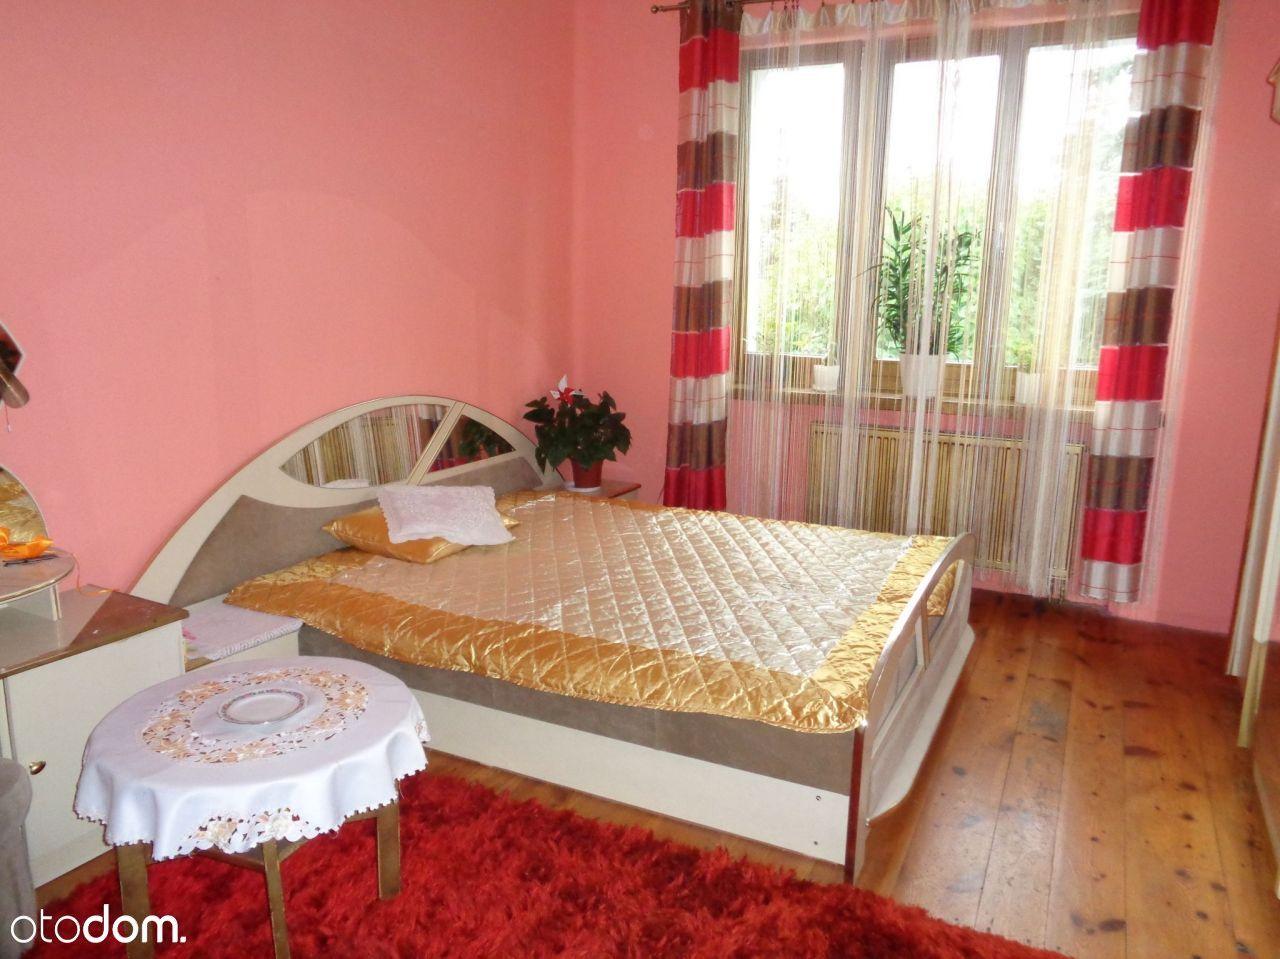 Dom na sprzedaż, Kielce, Białogon - Foto 7